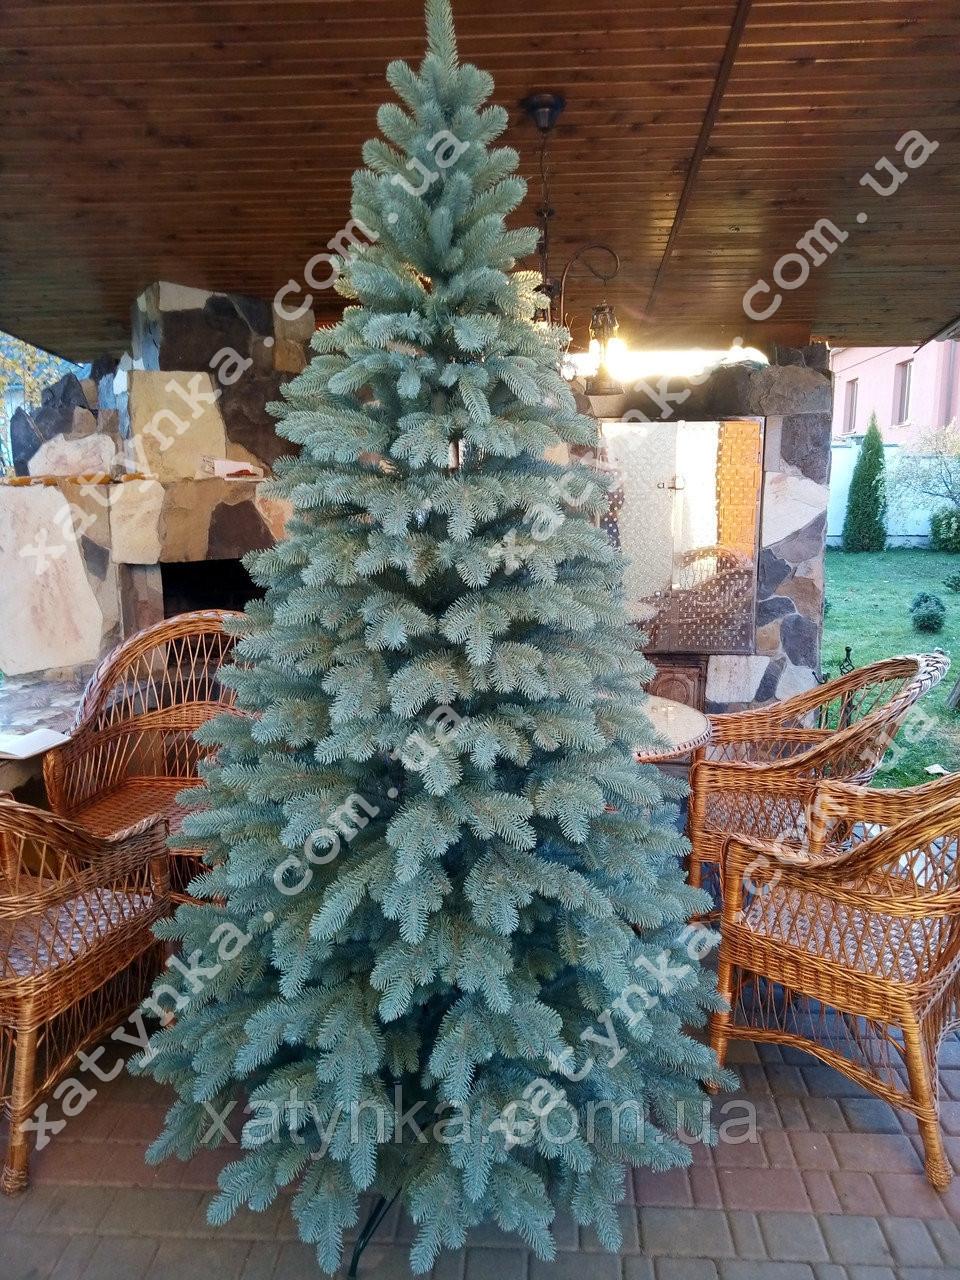 Литая елка Елитная 2.10м. голубая (Бесплатная курьерская доставка)